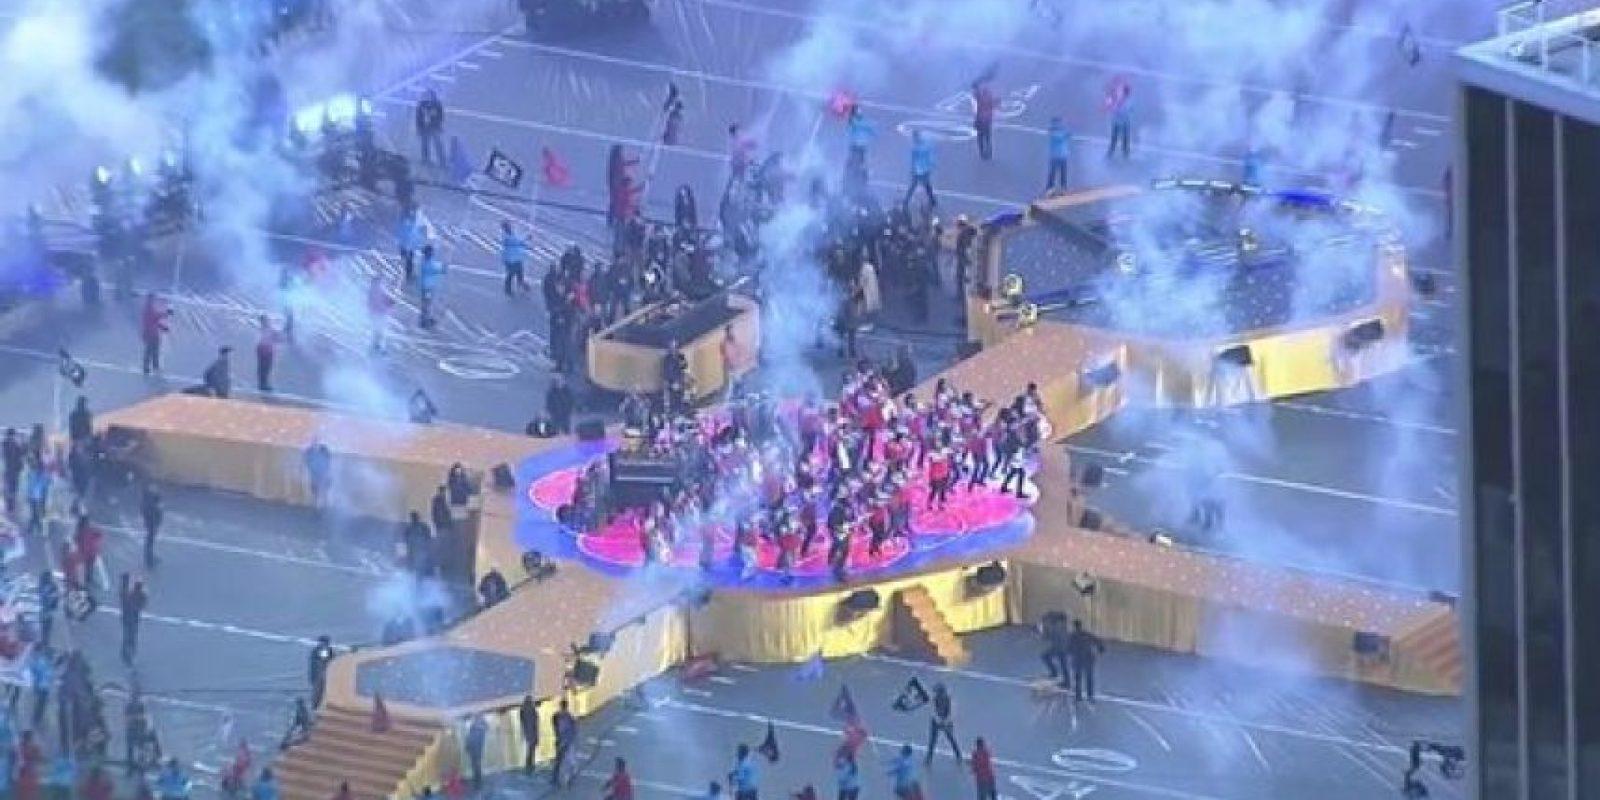 La Orquesta Juvenil de Los Ángeles acompañará a Coldplay. Foto:Vía twitter.com/Selfieton